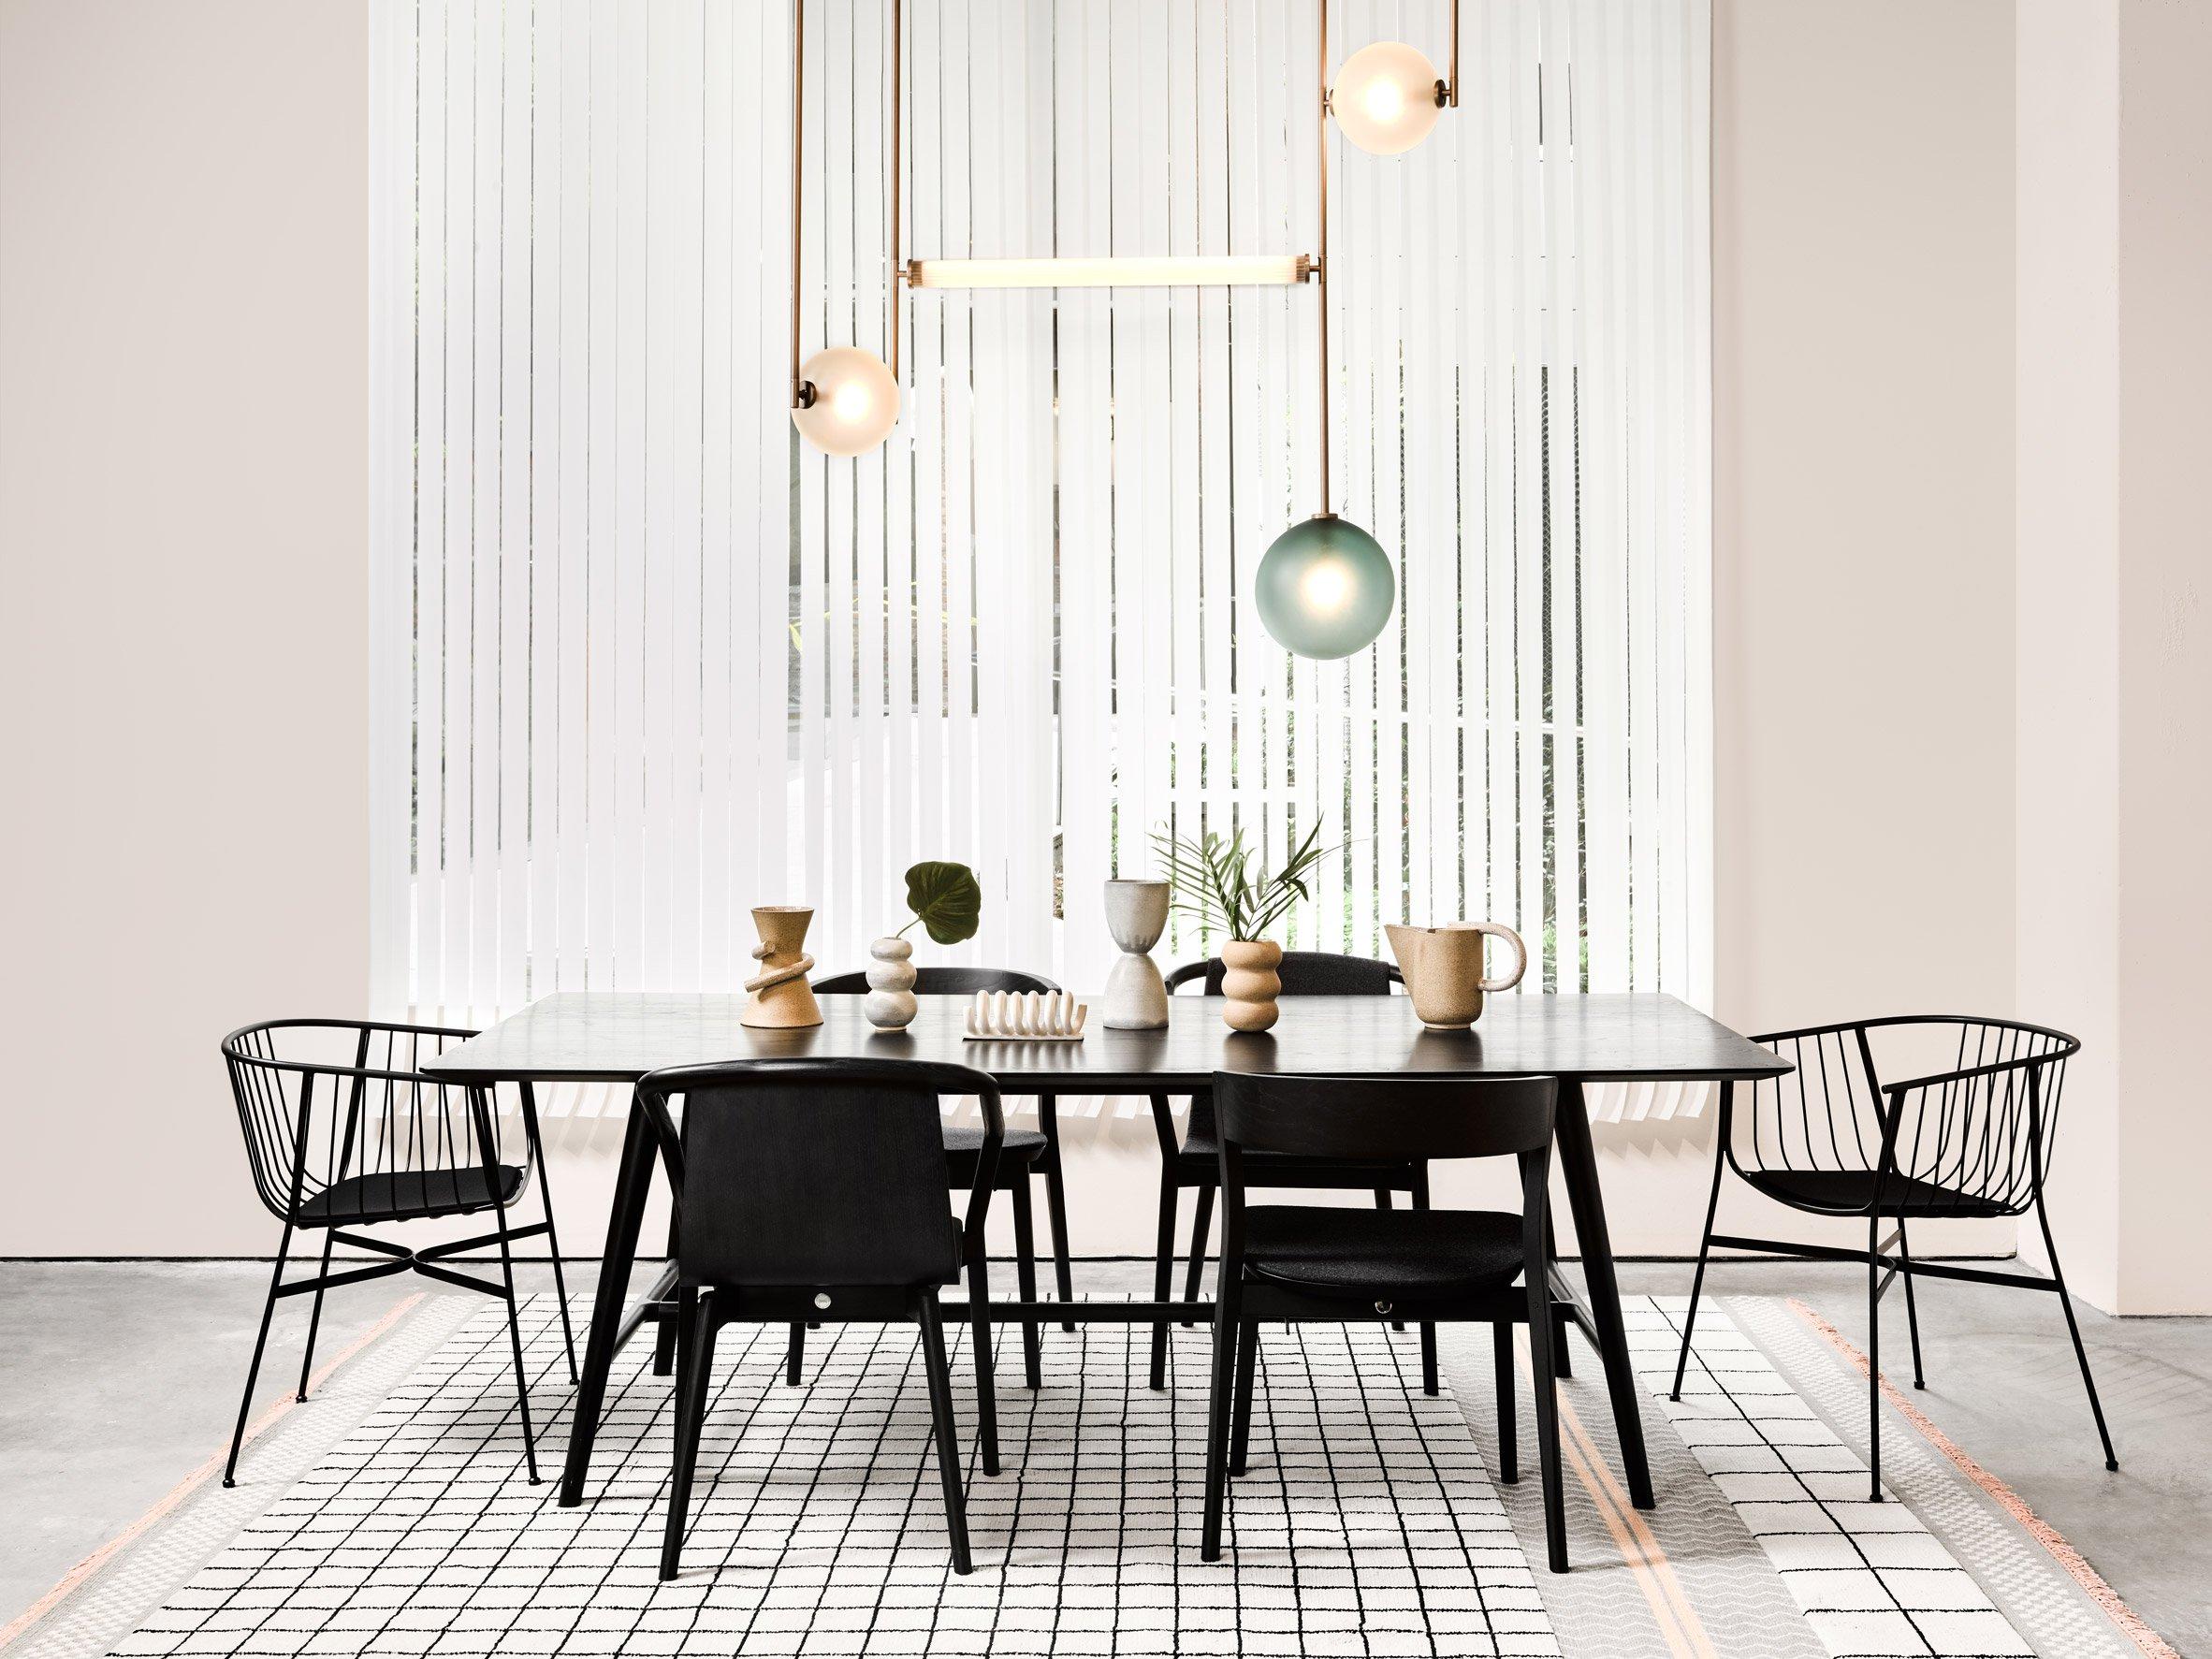 ladies-gentlemen-sp01-australia-usa-nycxdesign-furniture-installation-homeware_dezeen_1.jpg